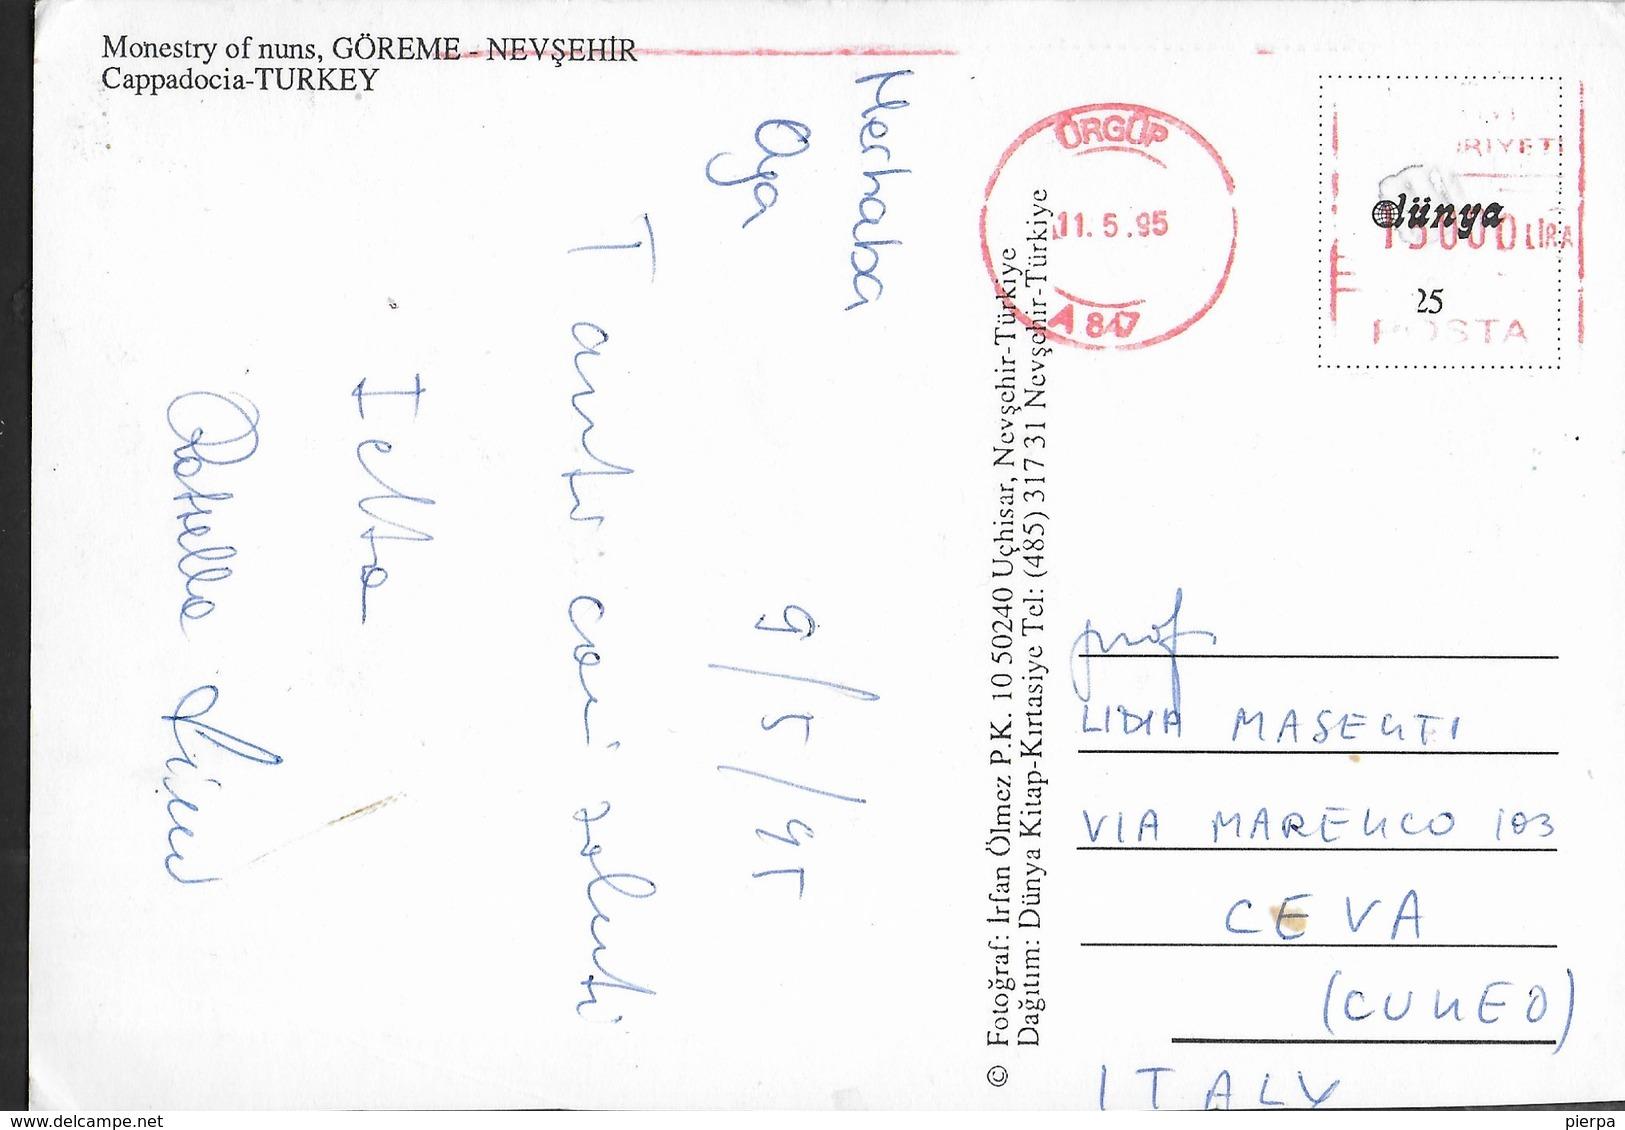 TURCHIA  - CAPPADOCIA  - GOREME - NEVSEHIR - FORMATO GRANDE 17X12 - VIAGGIATA 1995 ANNULLO MECCANICO ROSSO - Turchia